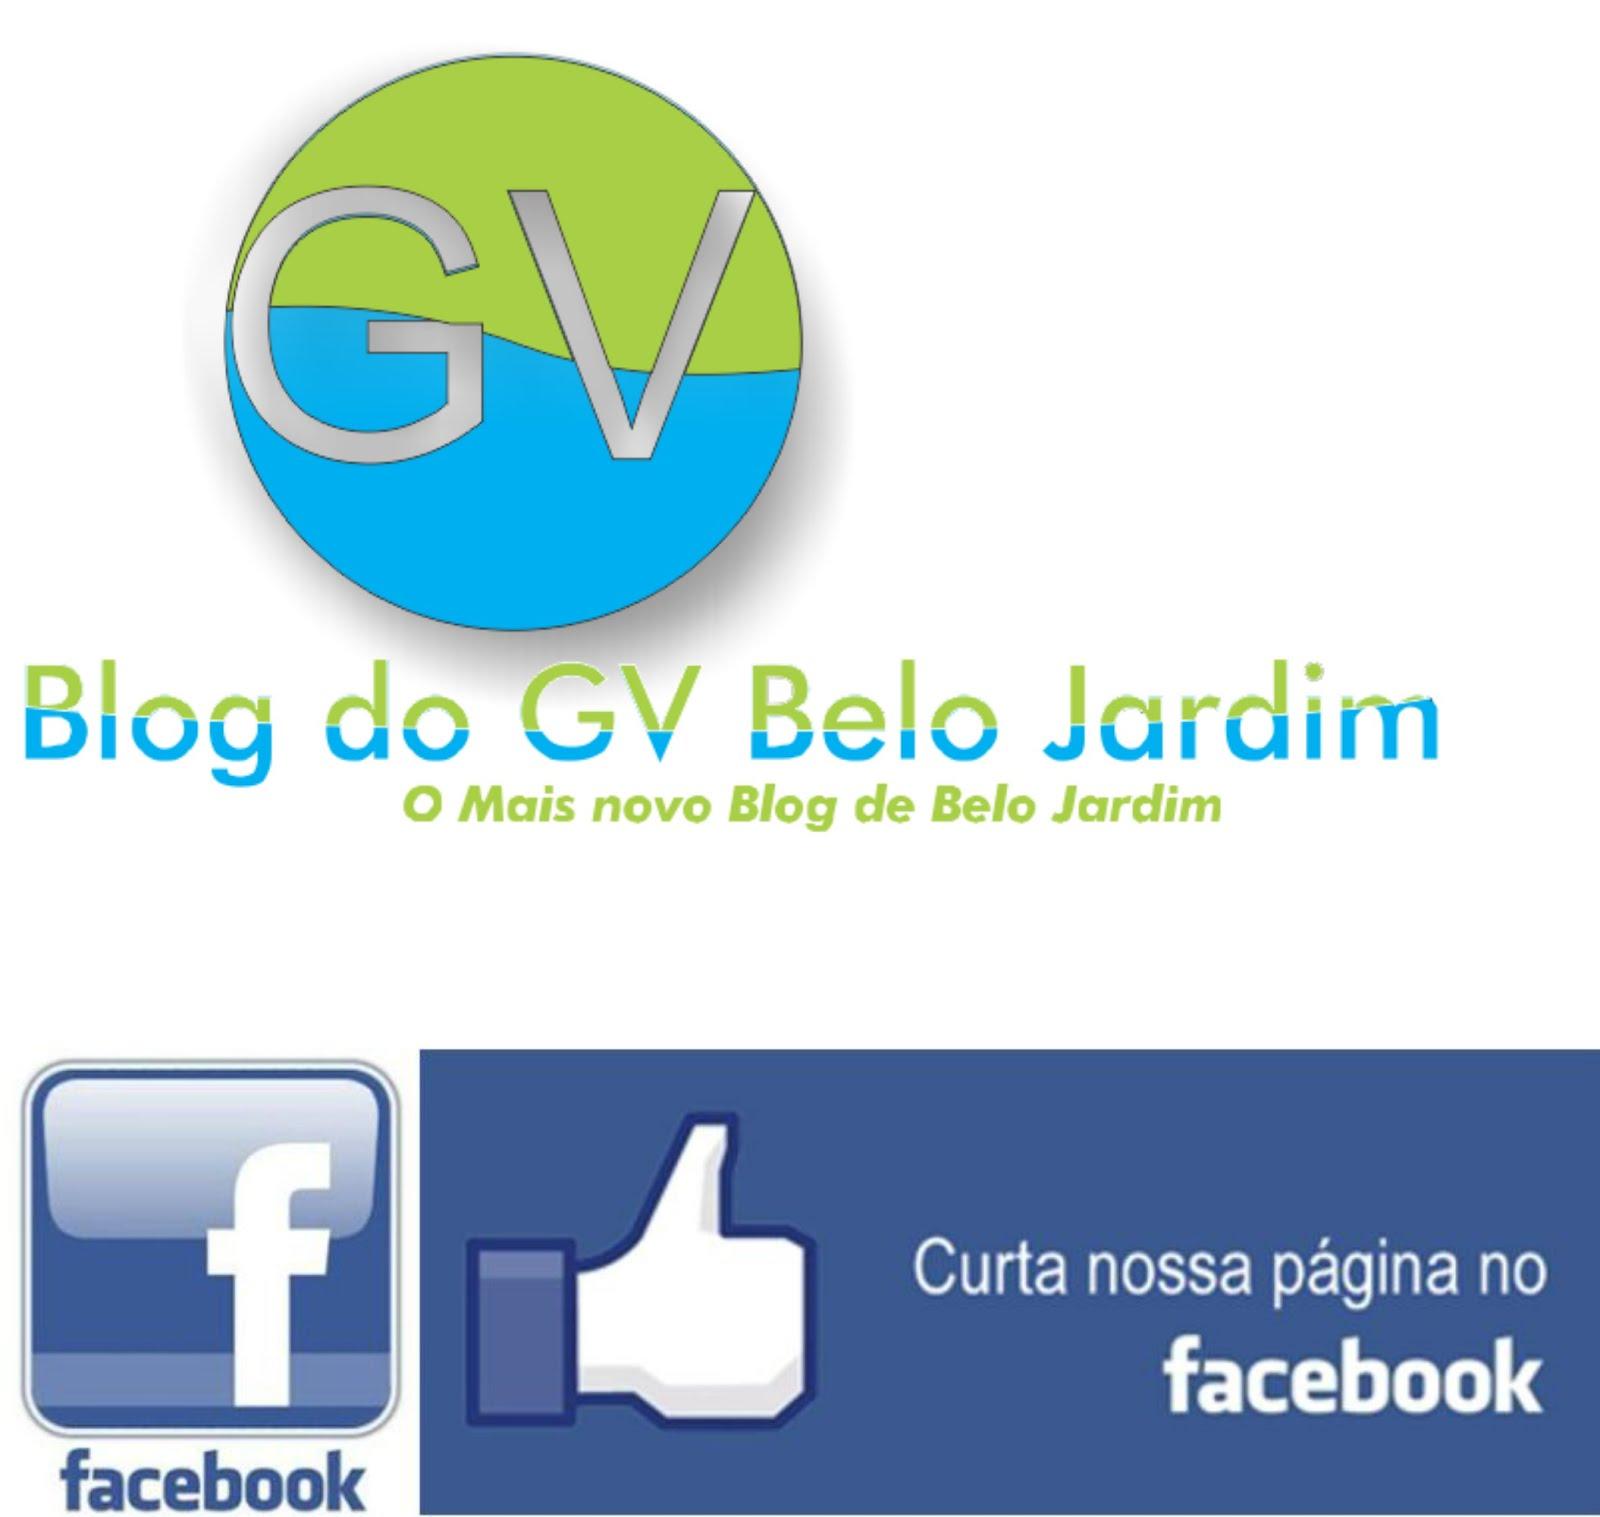 Vem Conhecer o Blog GV Belo Jardim